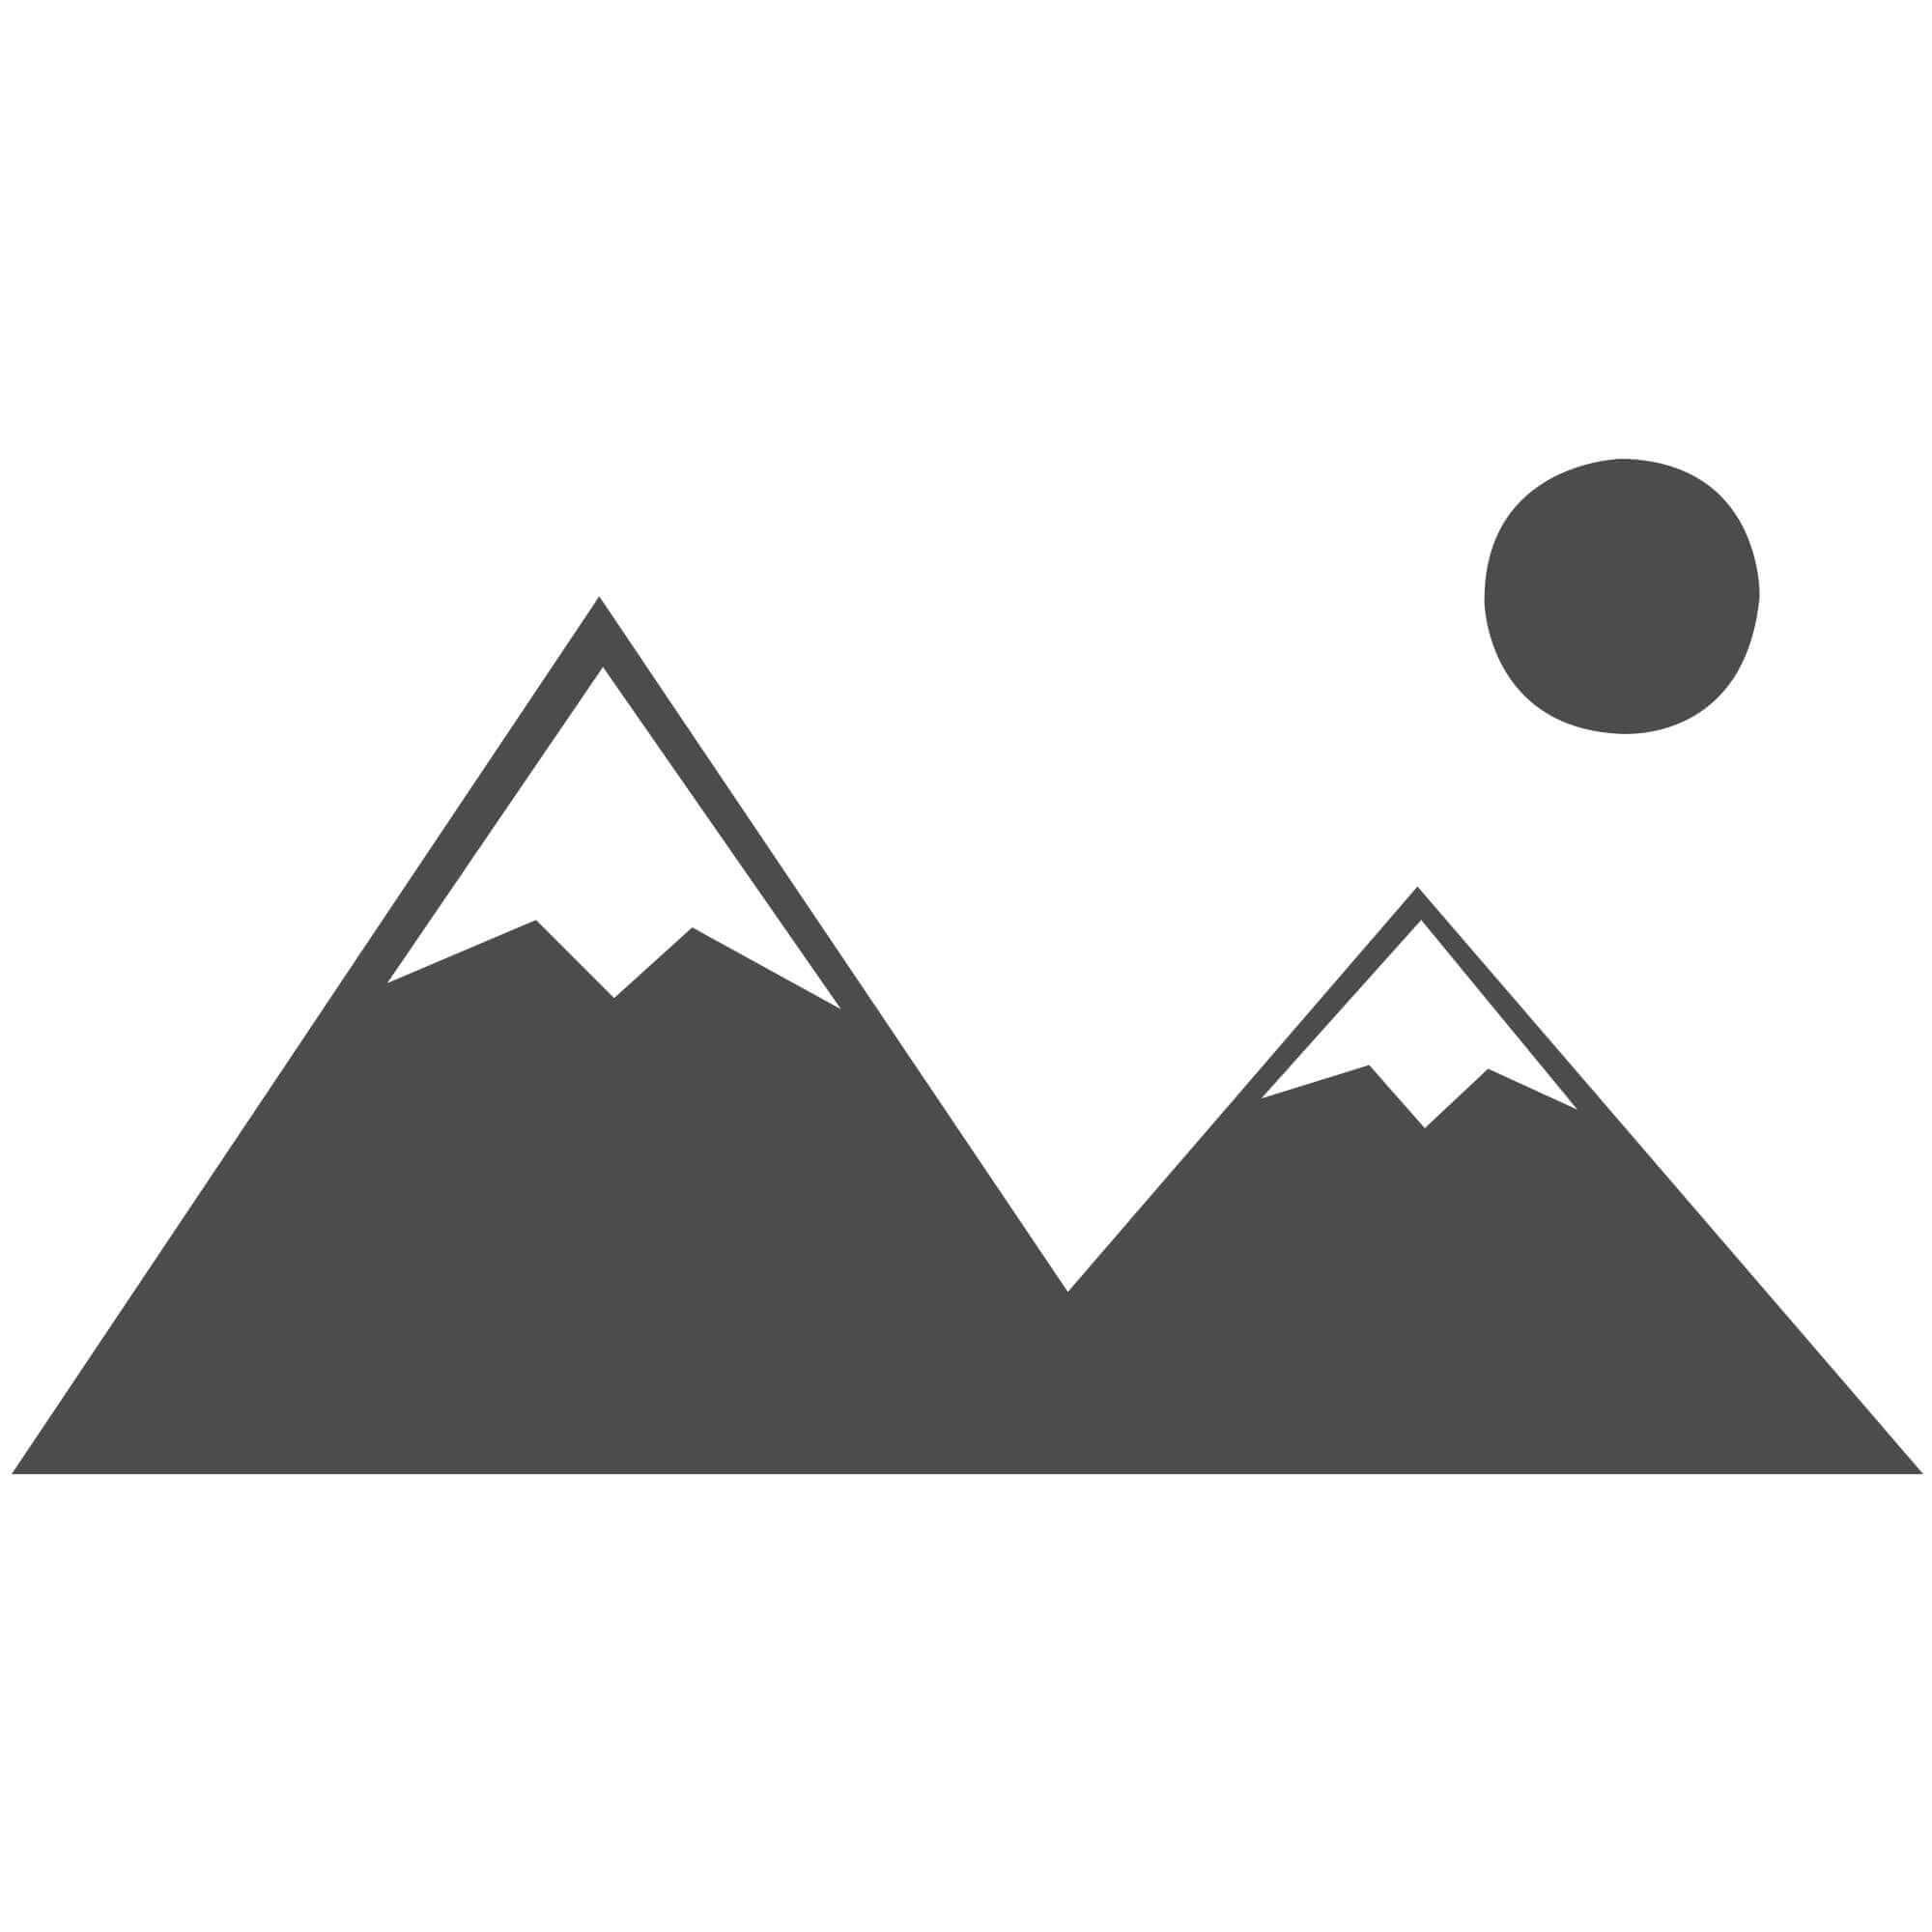 """Persian Keshan Rug - 142 x 195 cm (4'7"""" x 6'4"""")"""